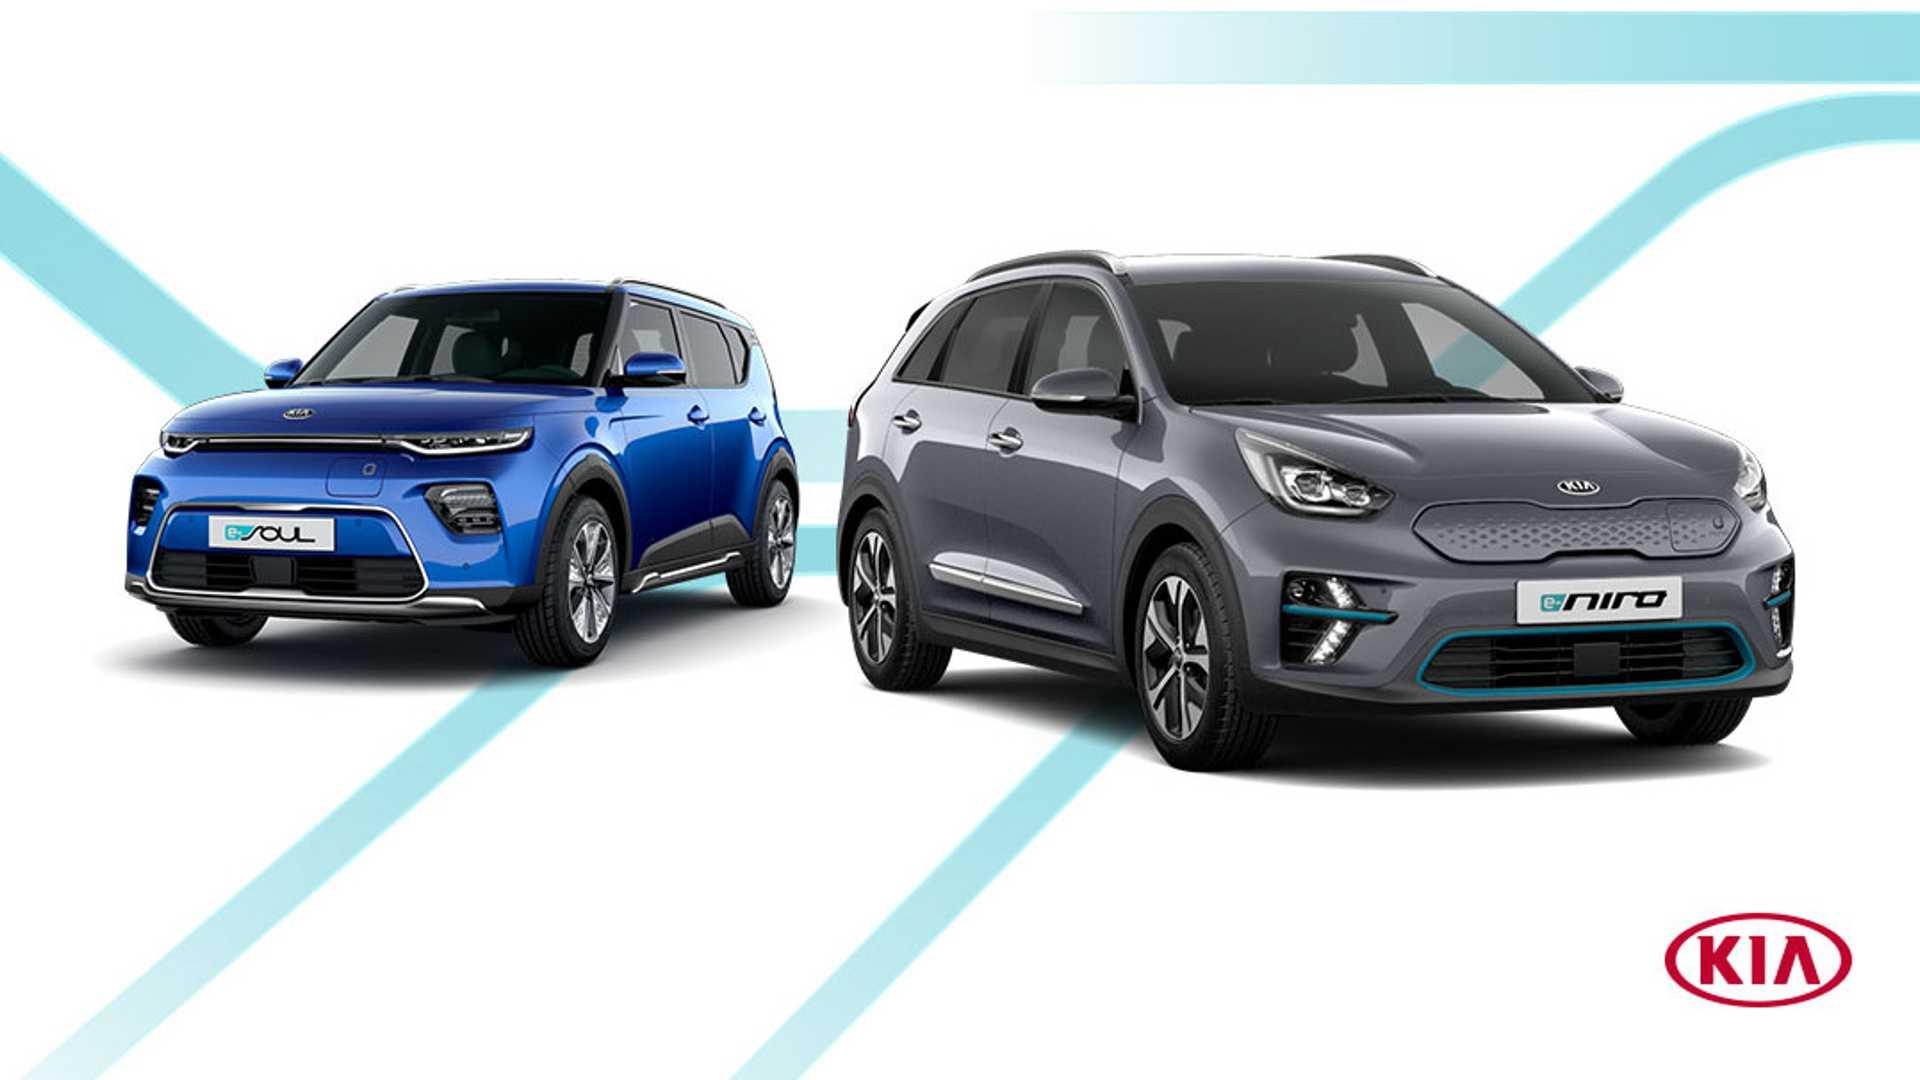 Kia обрисовывает планы по расширению продаж аккумуляторных электромобилей в Европе